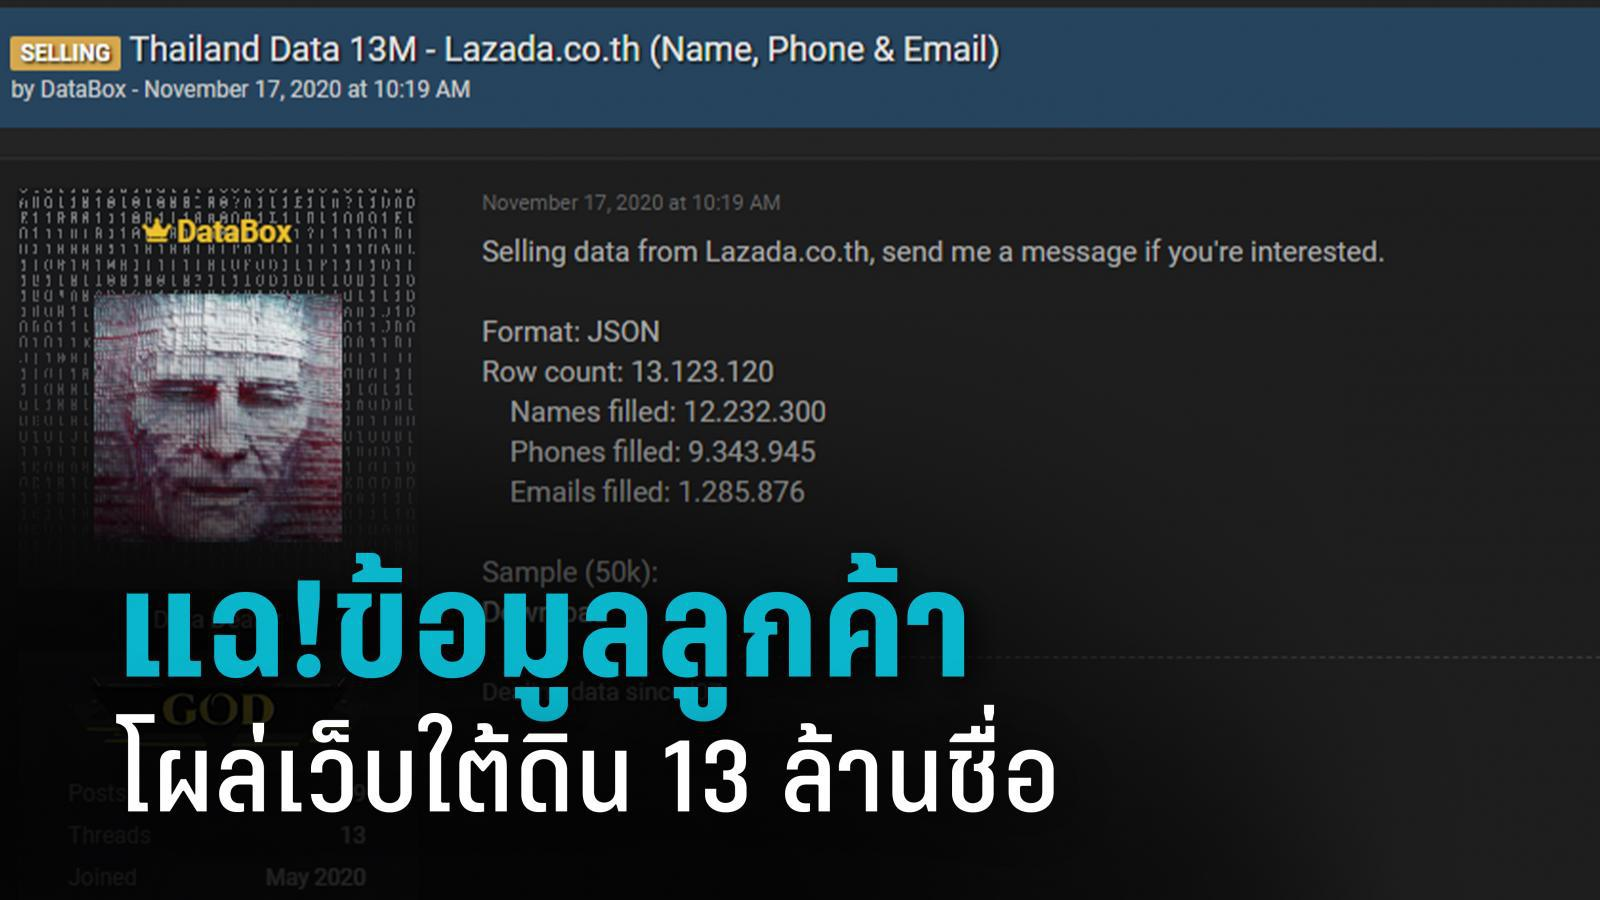 เพจดังแฉ!! ข้อมูลลูกค้า LAZADA-Shopee ถูกแฮกไปขาย 13 ล้านรายชื่อ